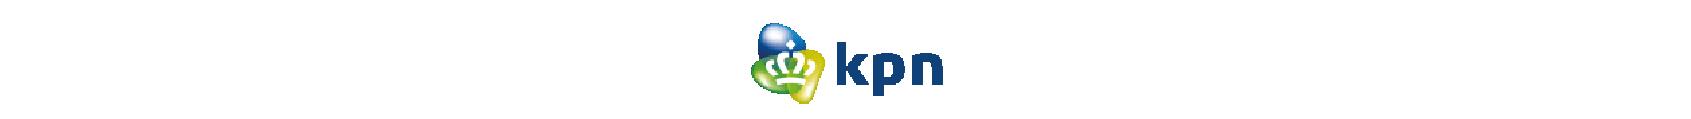 KPN-PDRE